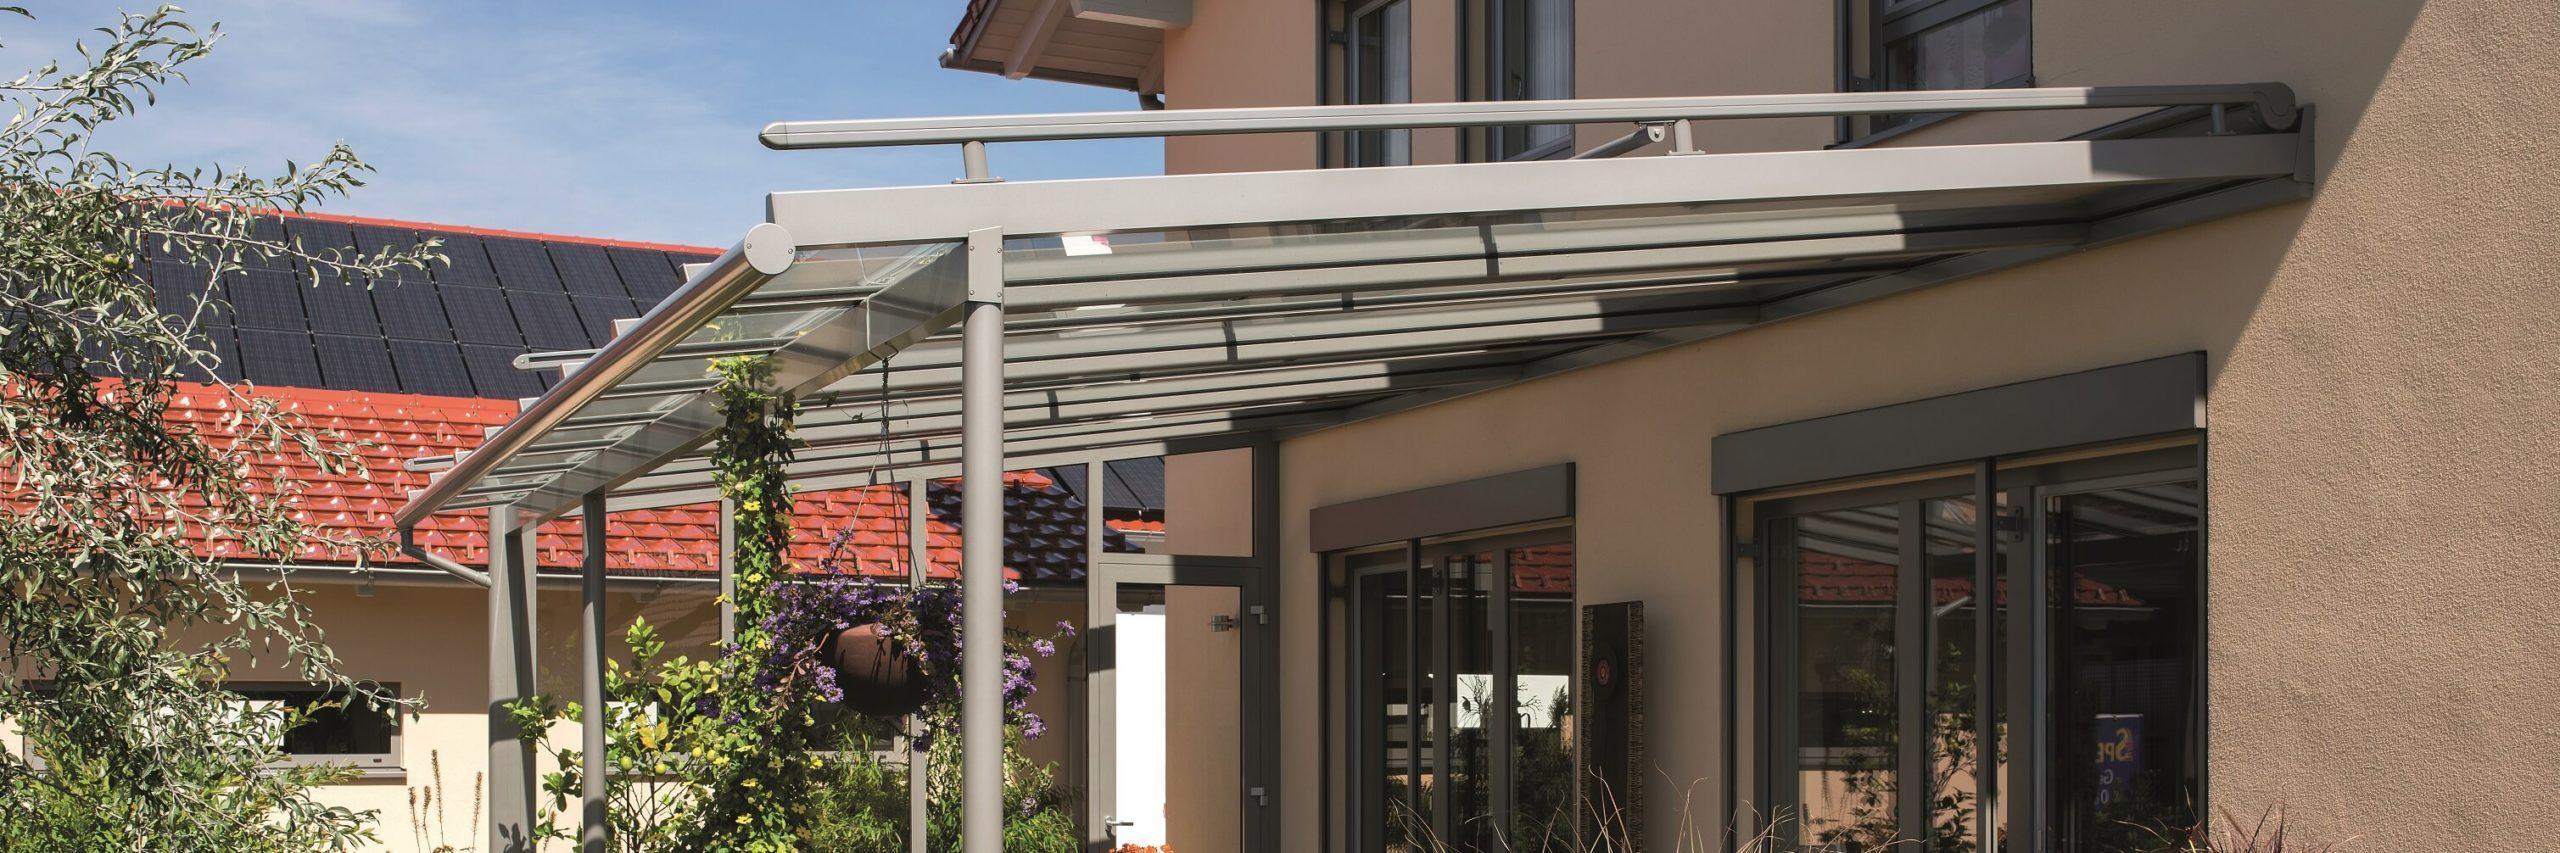 Terrassendach mit Dachüberstand